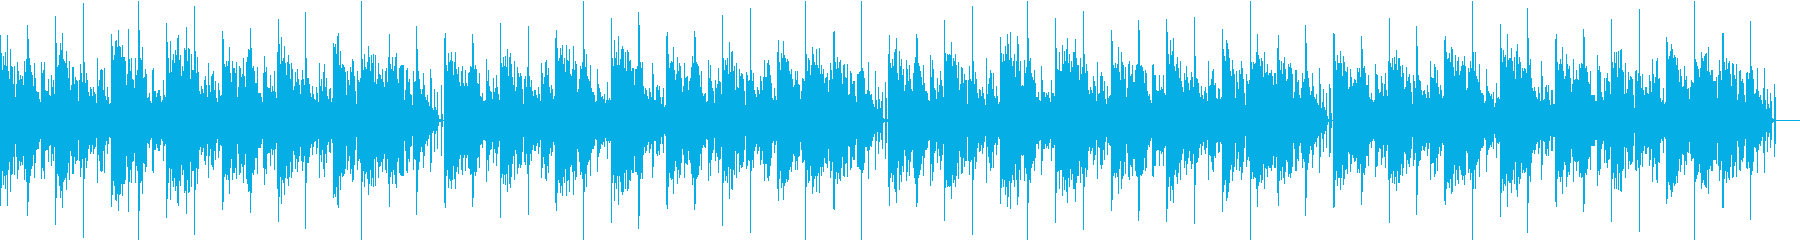 クイズや脳トレゲームのBGMにどうぞの再生済みの波形